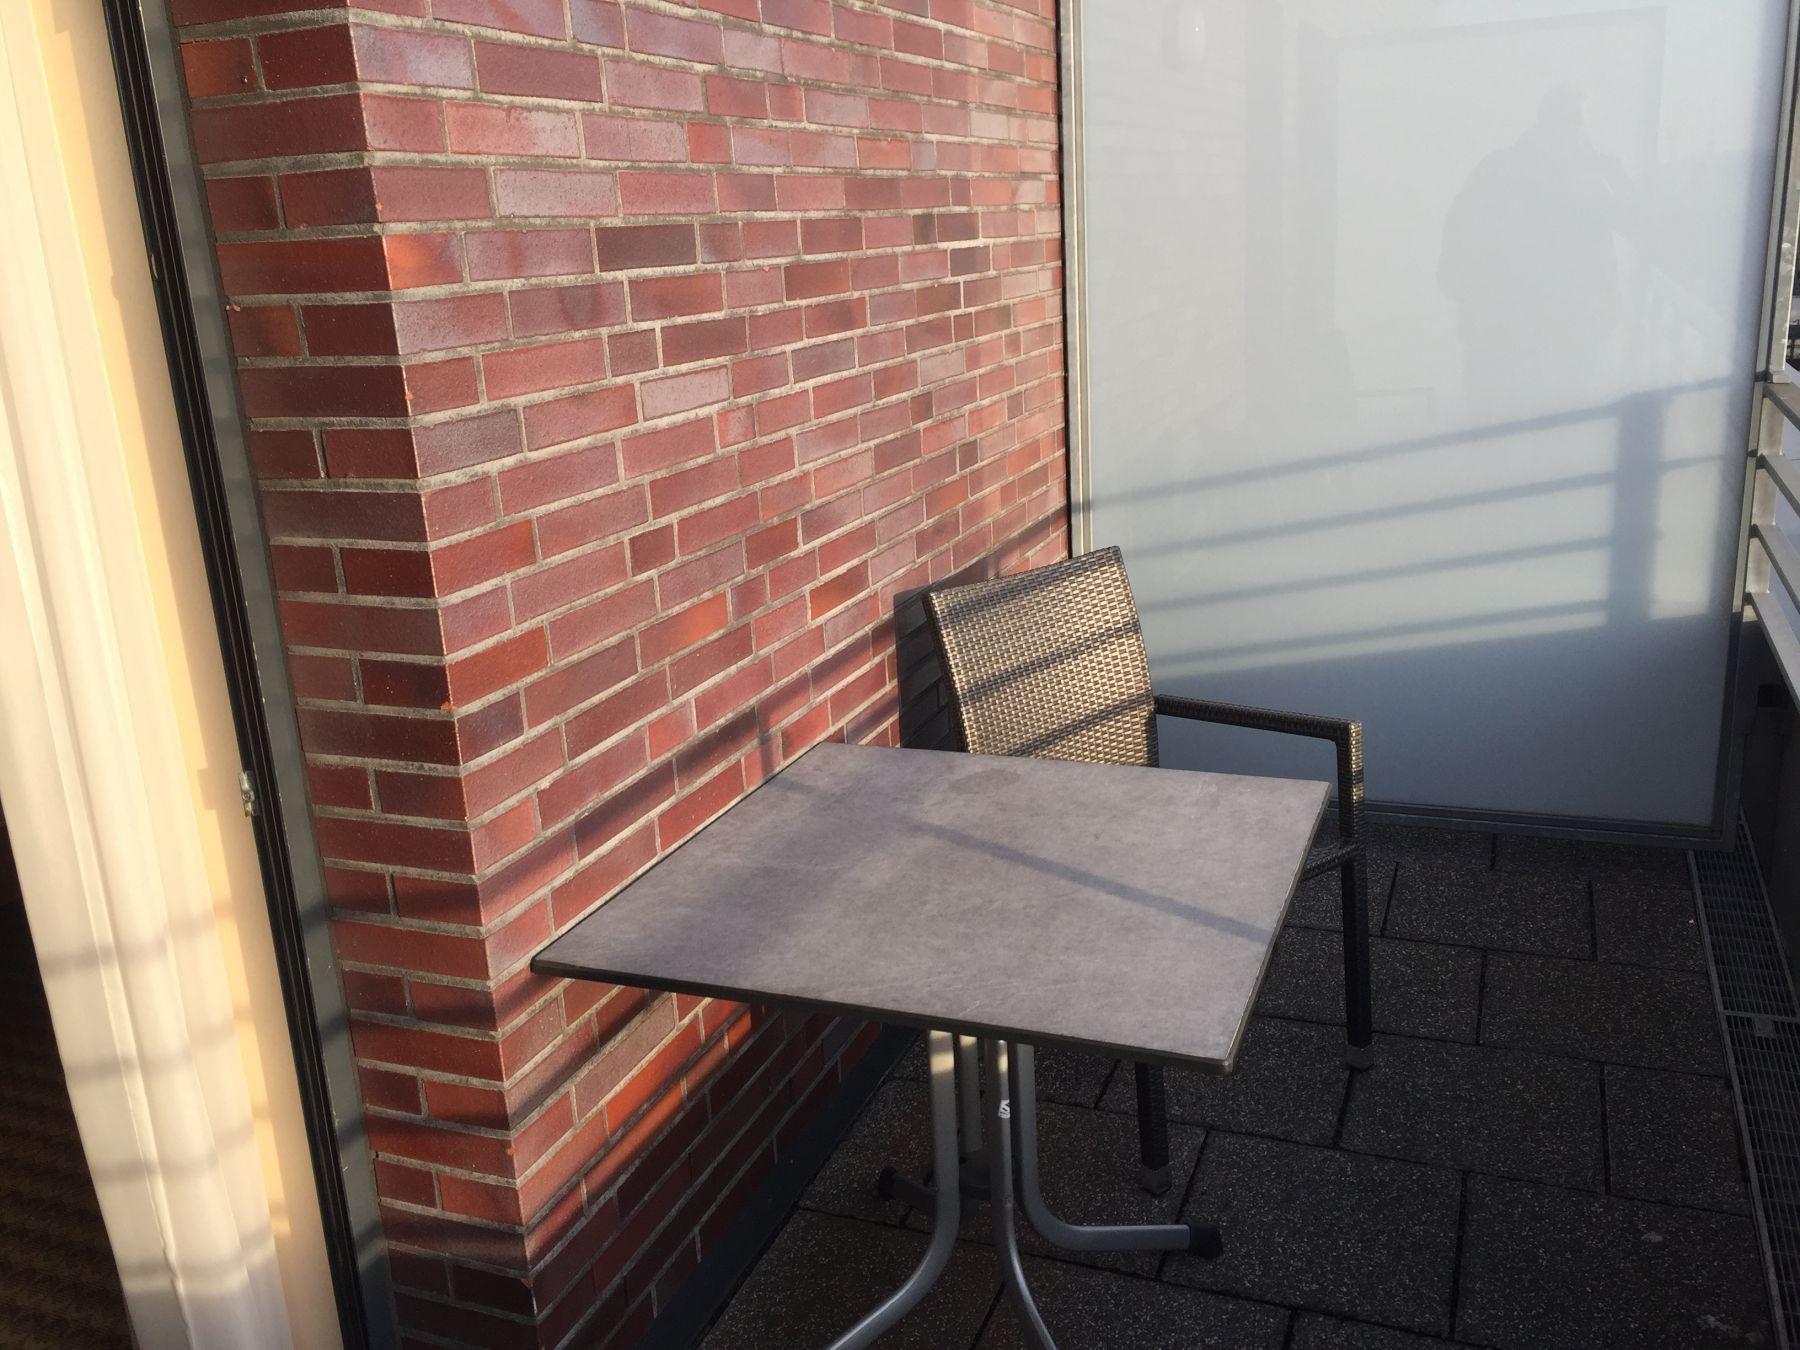 Det var både stol og bord på verandaen.